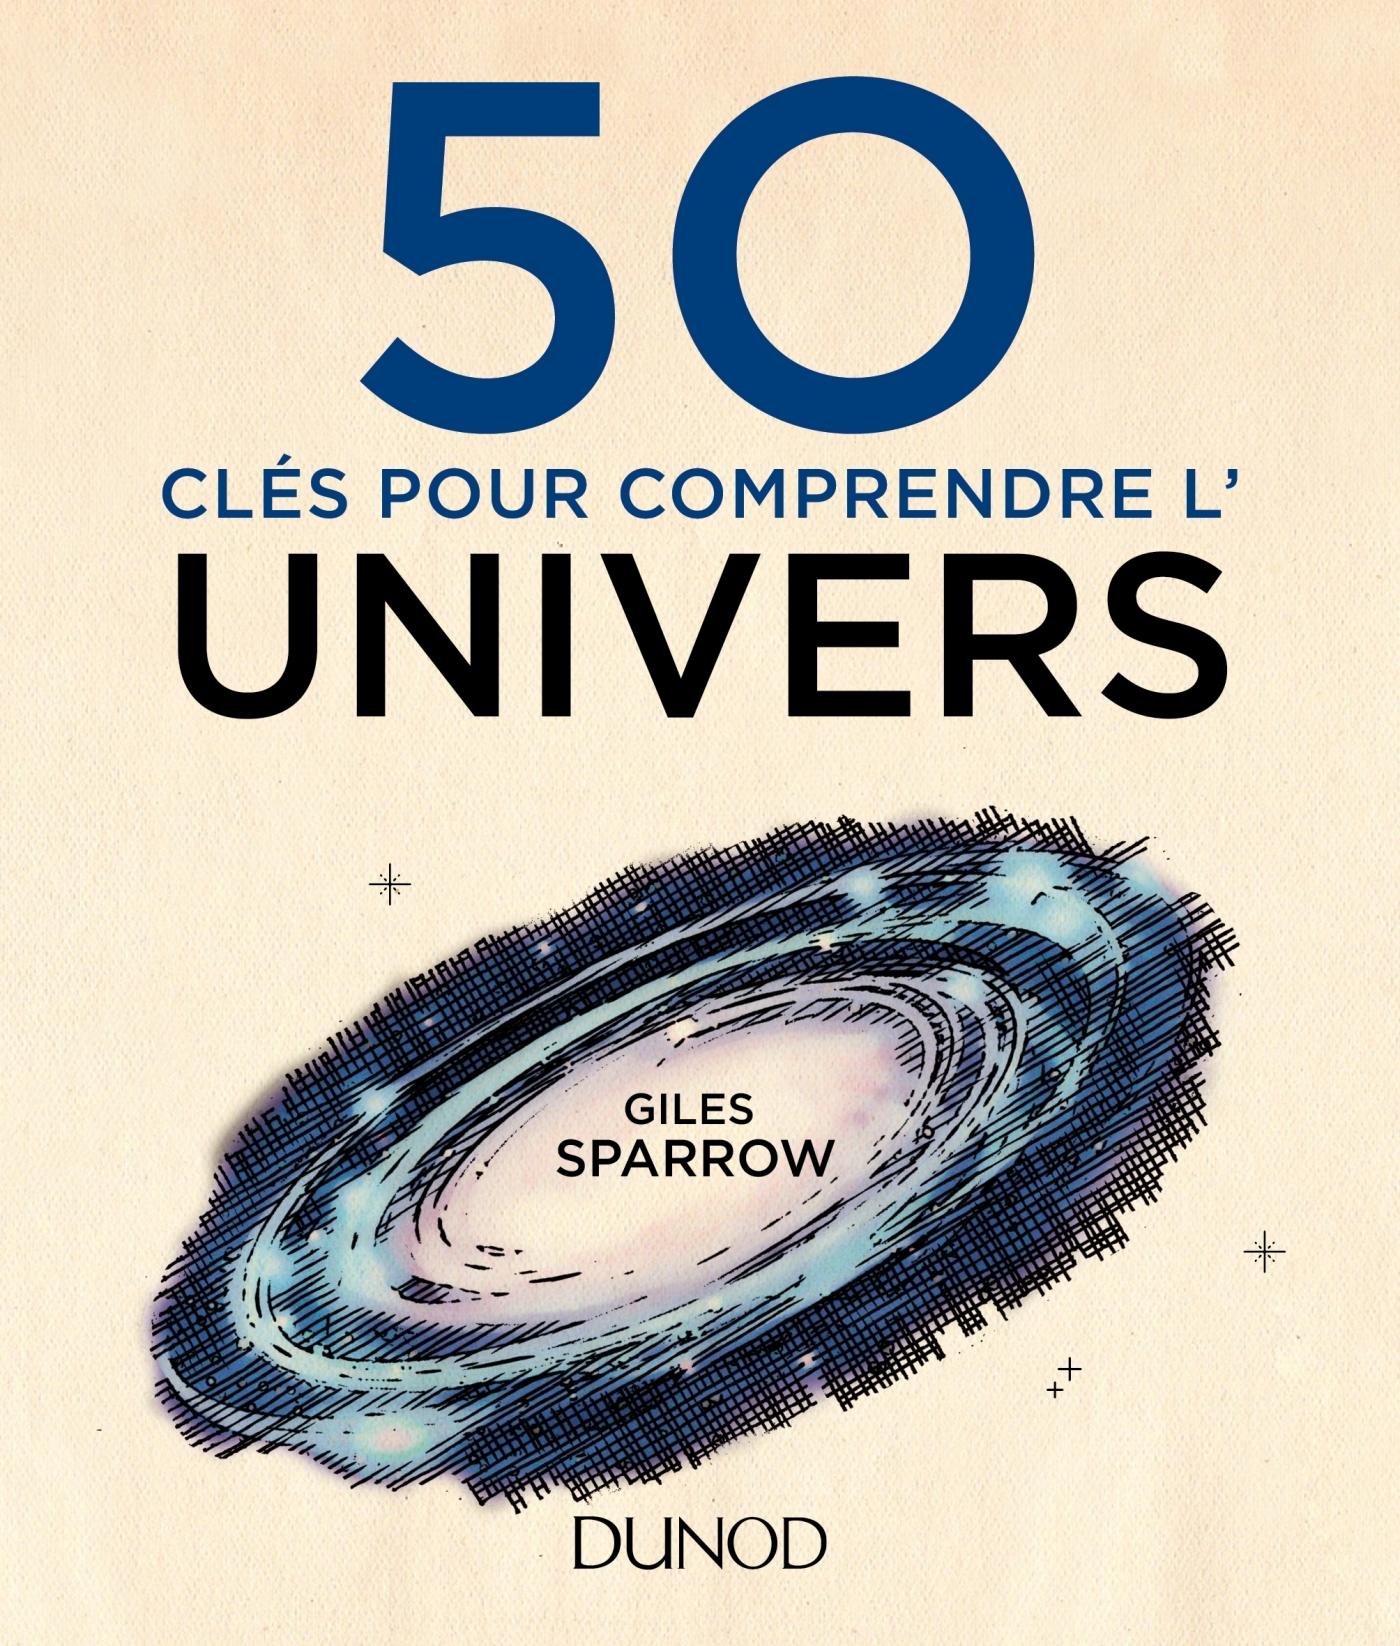 50 CLES POUR COMPRENDRE L'UNIVERS